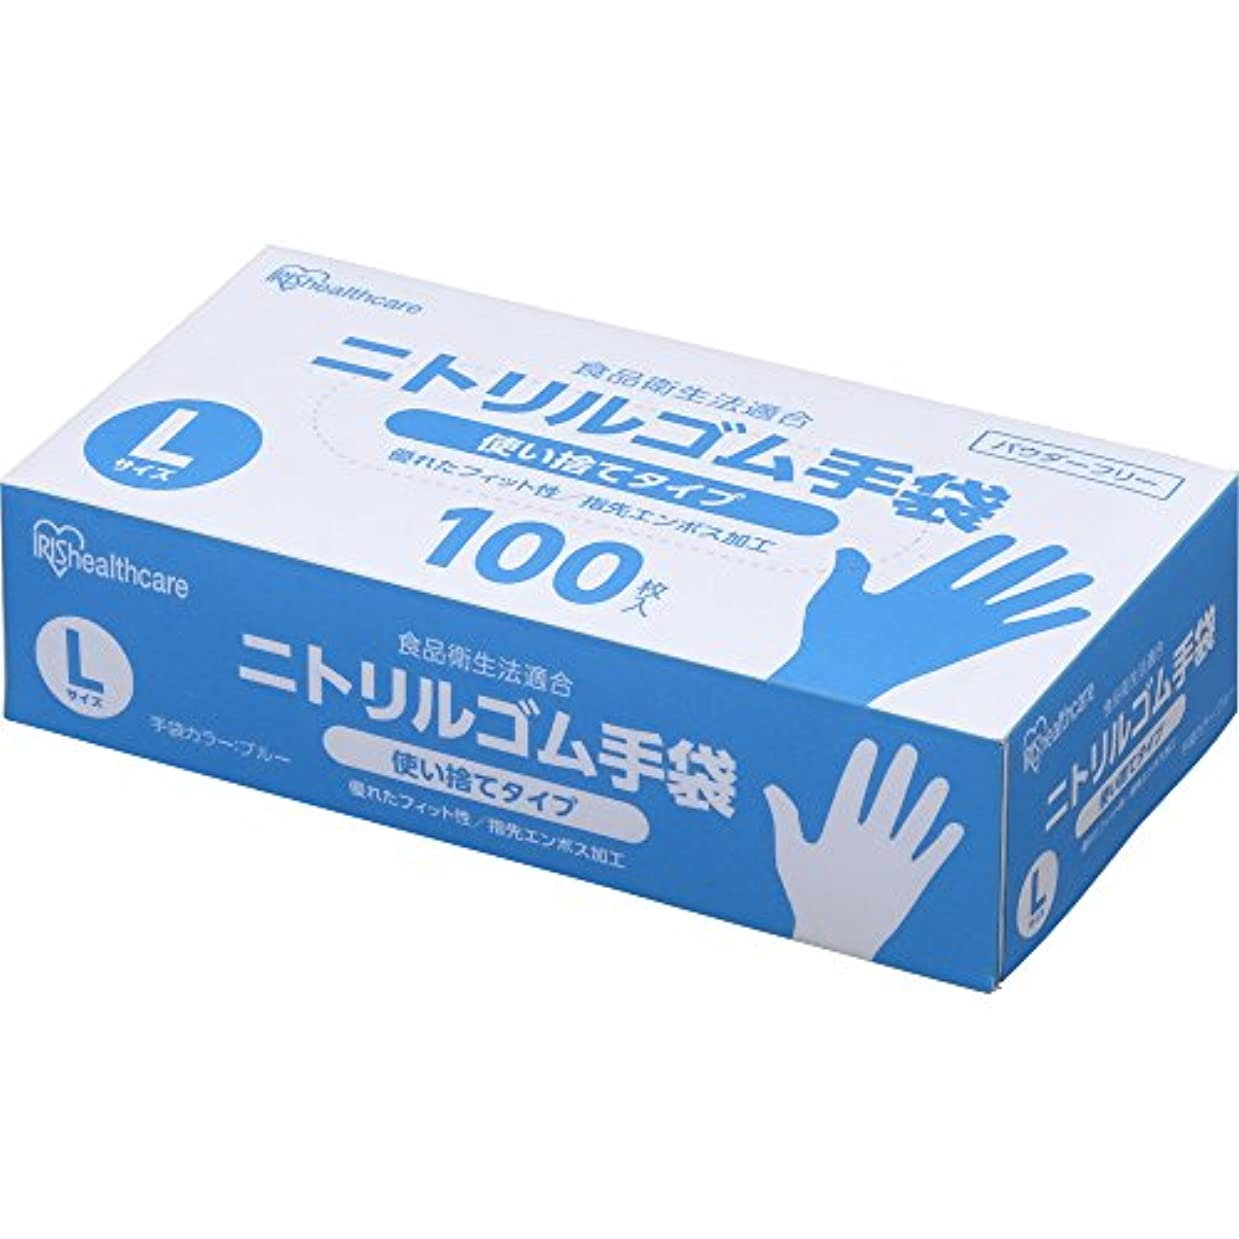 アラバマ祭司アートアイリスオーヤマ 使い捨て手袋 ブルー ニトリルゴム 100枚 Lサイズ 業務用